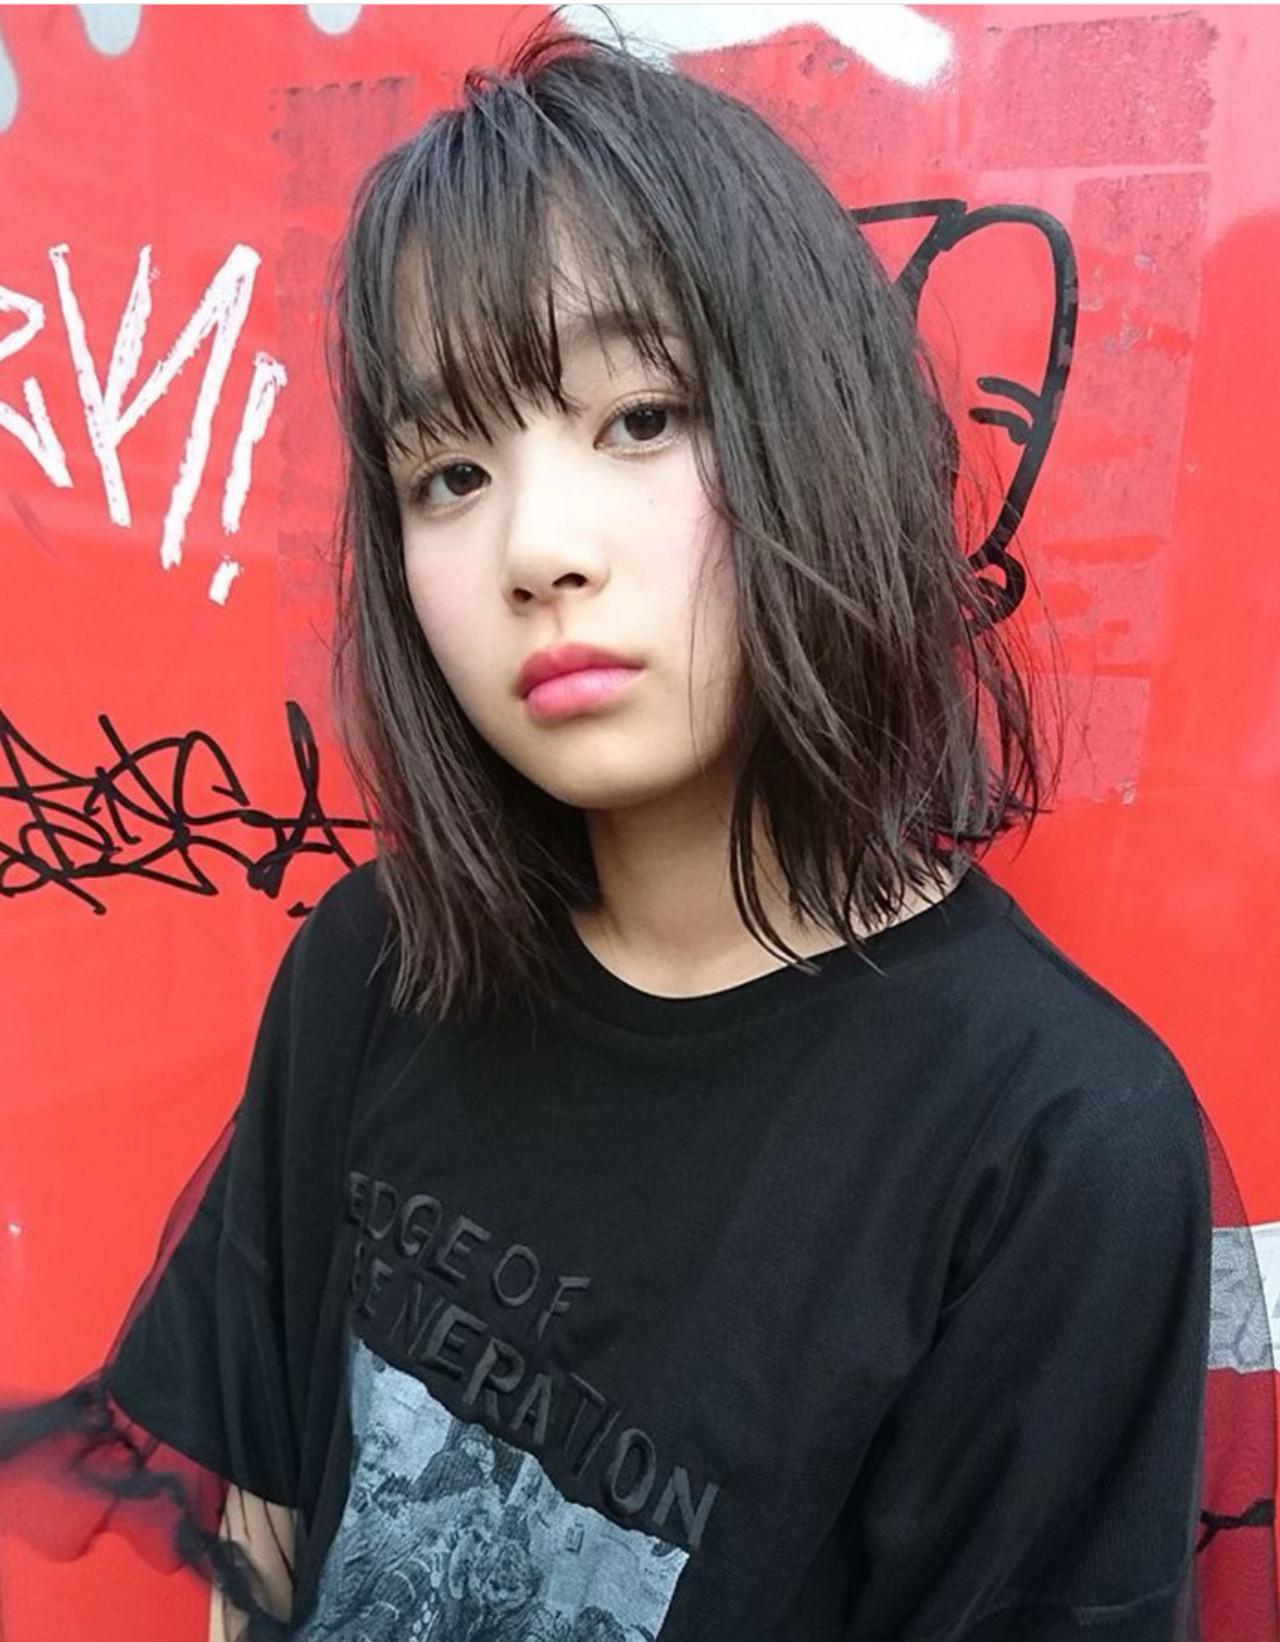 アンニュイほつれヘア ボブ レイヤーボブ ストリート ヘアスタイルや髪型の写真・画像